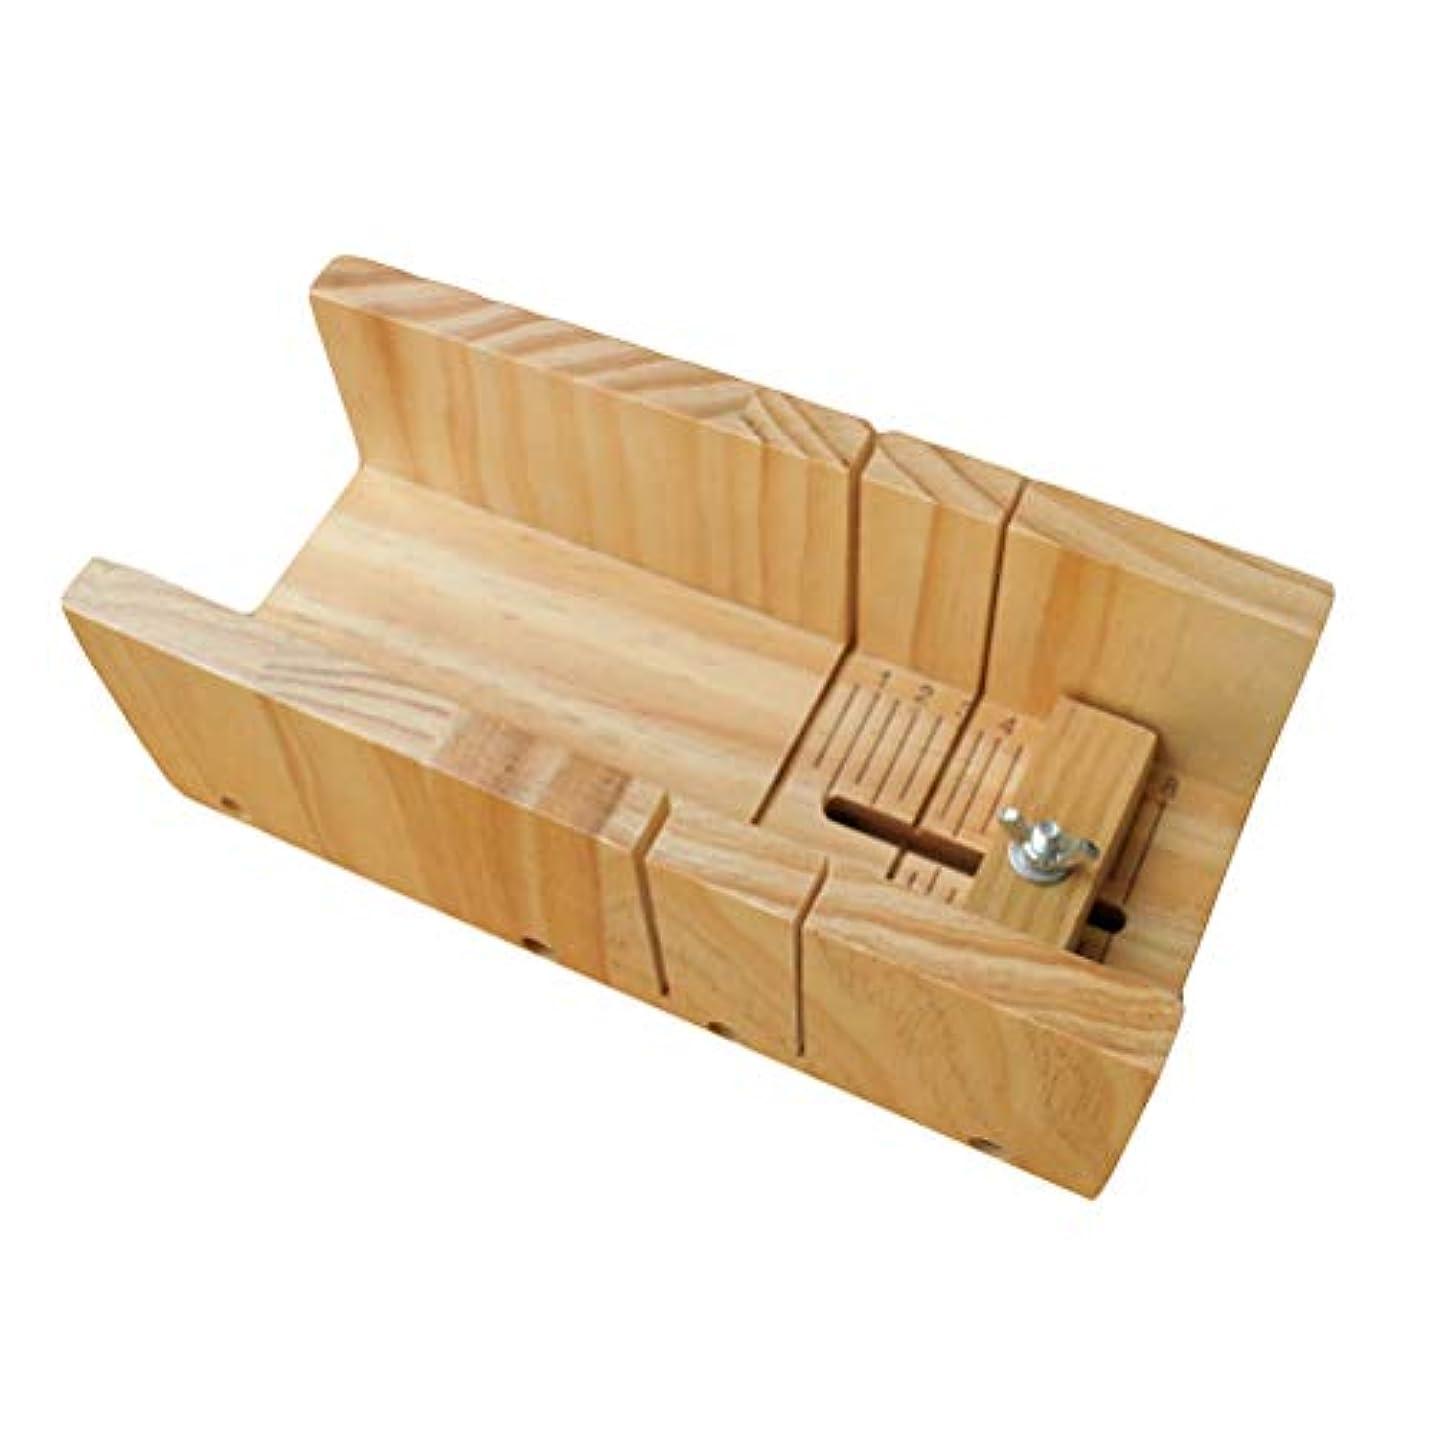 準拠苗サークルOUNONA ウッドソープロープカッターモールドプレミアム調整可能カッターモールドボックスソープ(木製カラー)